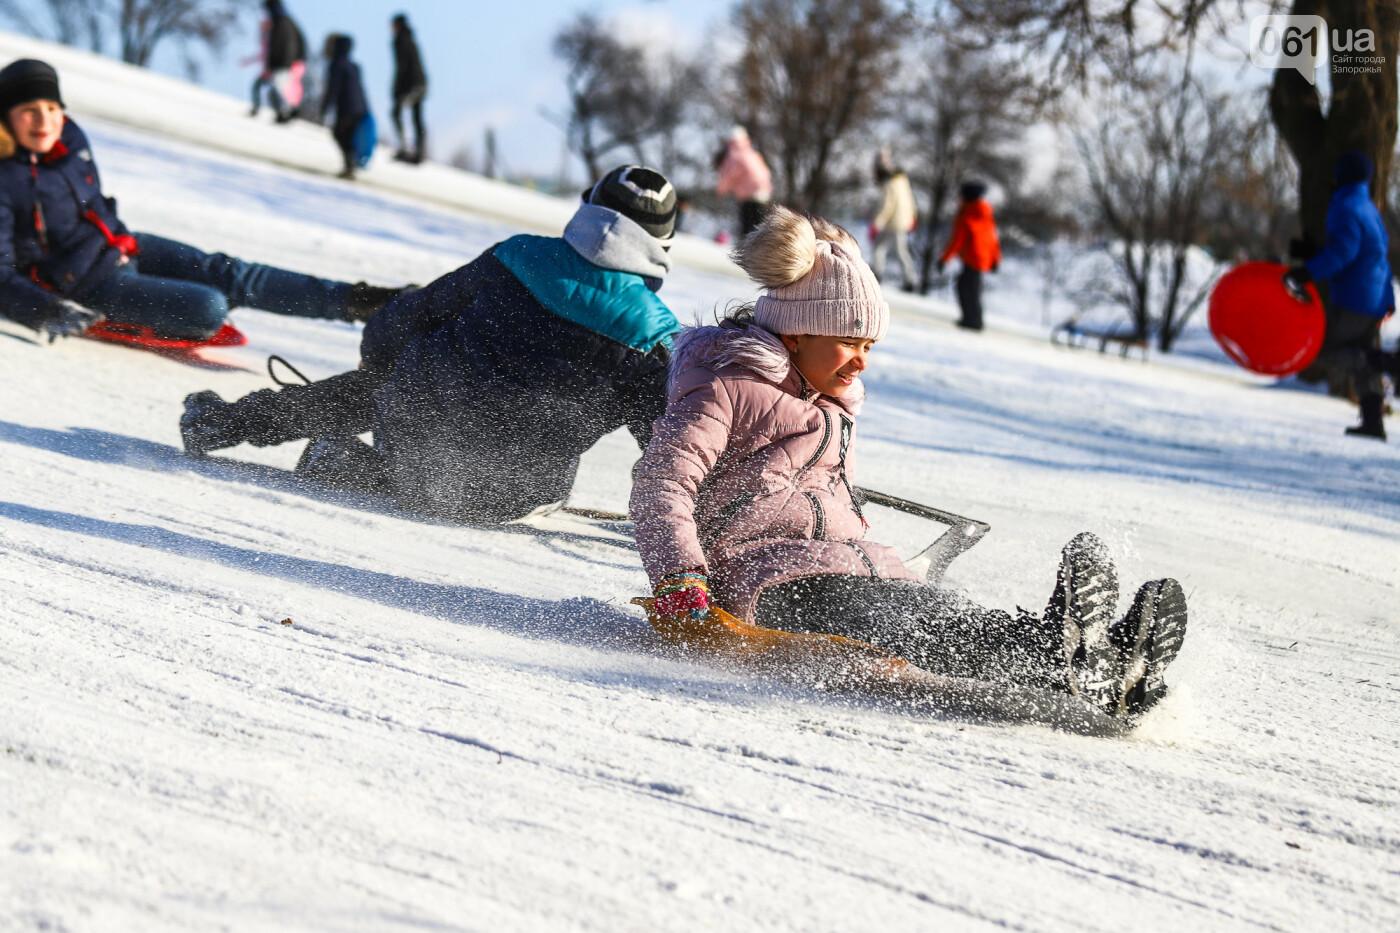 На санках, лыжах и сноуборде: запорожцы устроили массовое катание с горок в Вознесеновском парке, - ФОТОРЕПОРТАЖ, фото-86